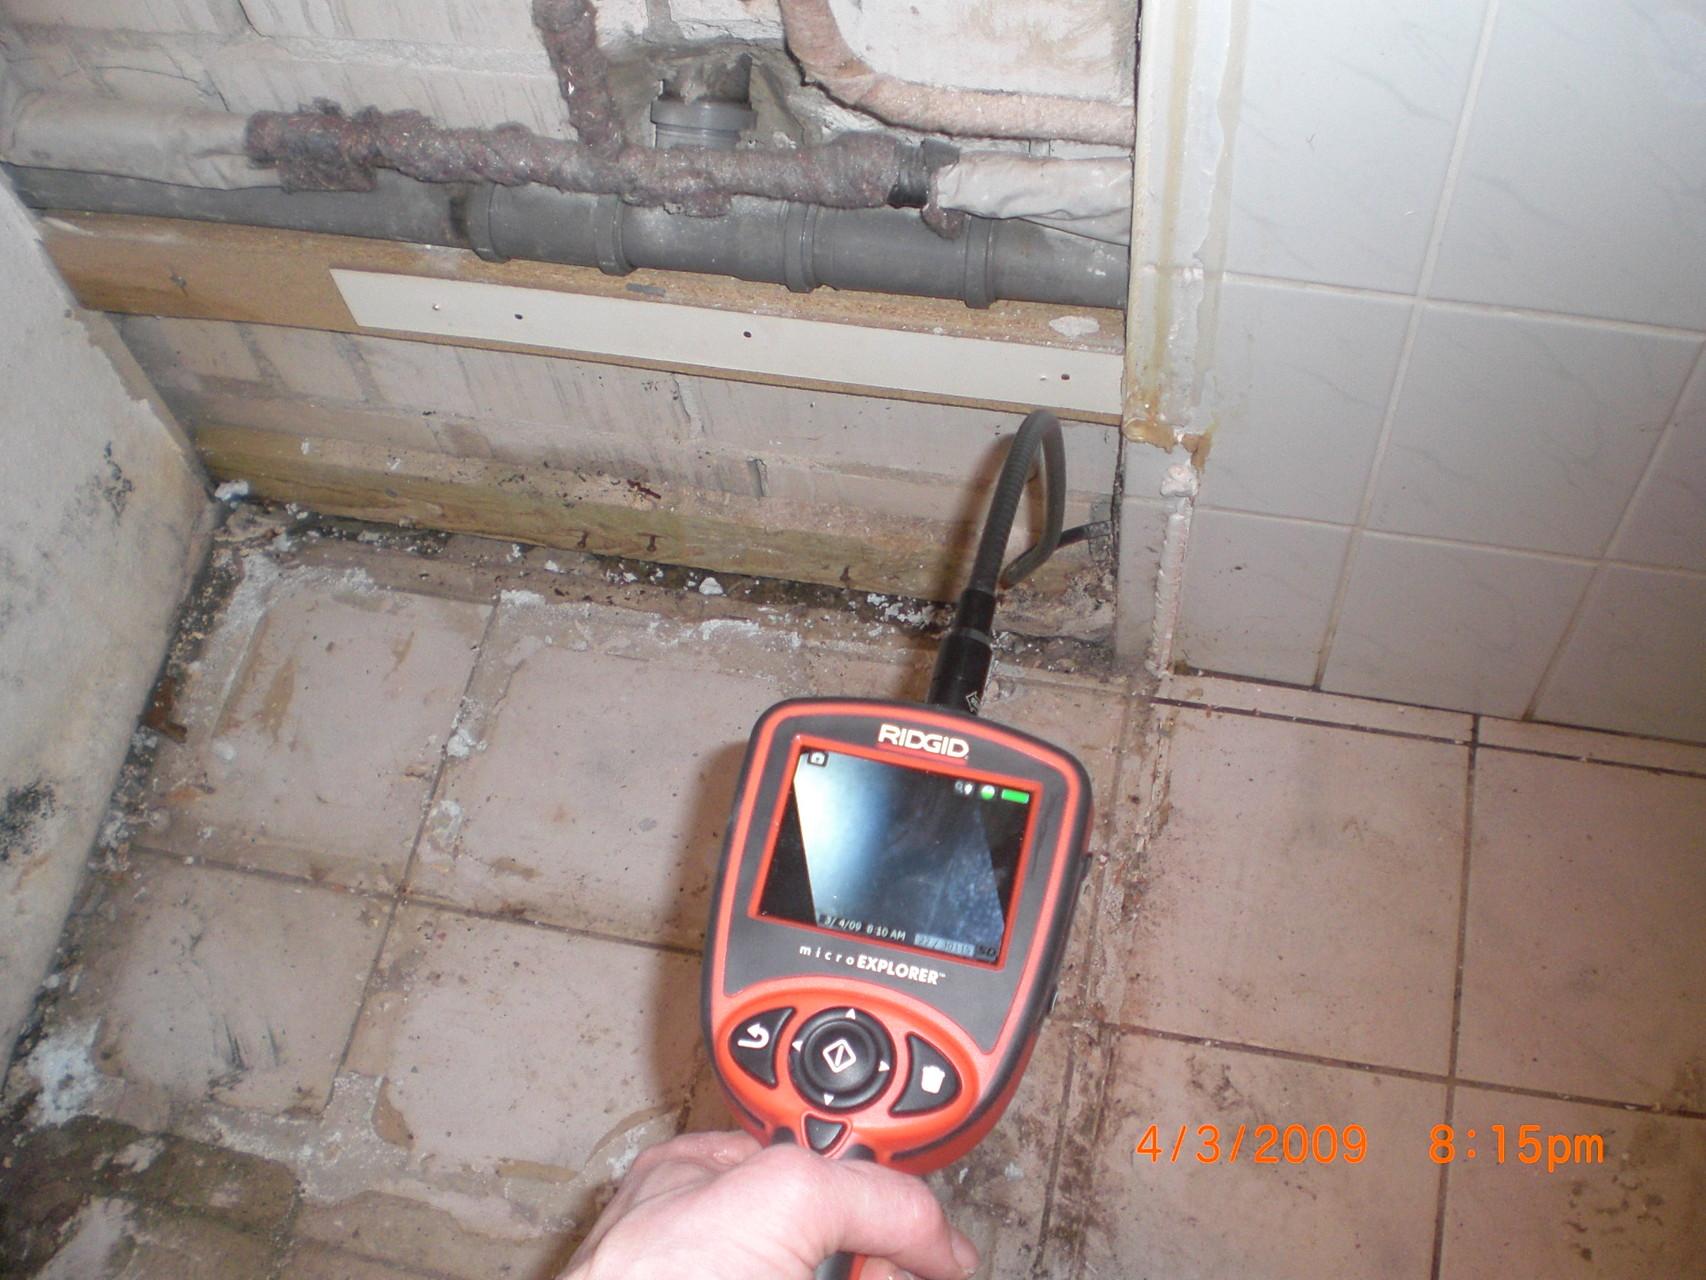 Inspektion in Hohlräumen nach Wasserschäden